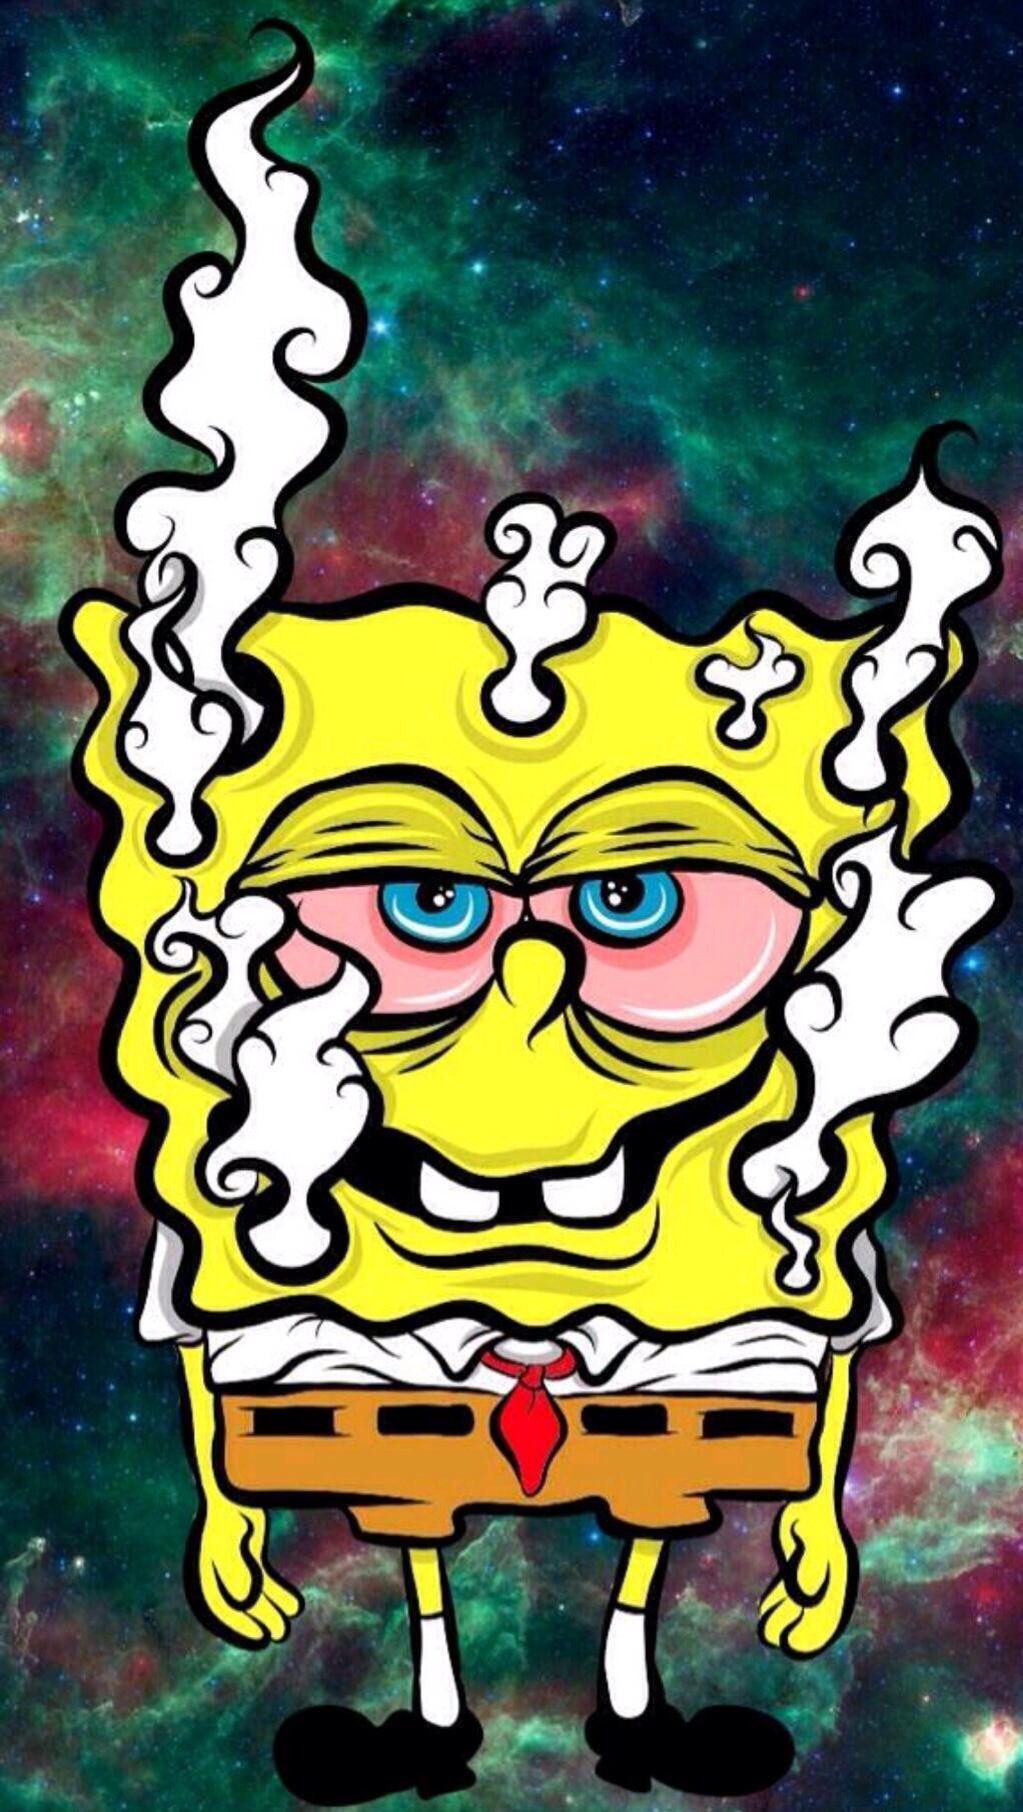 Spongebob Wallpaper Weed